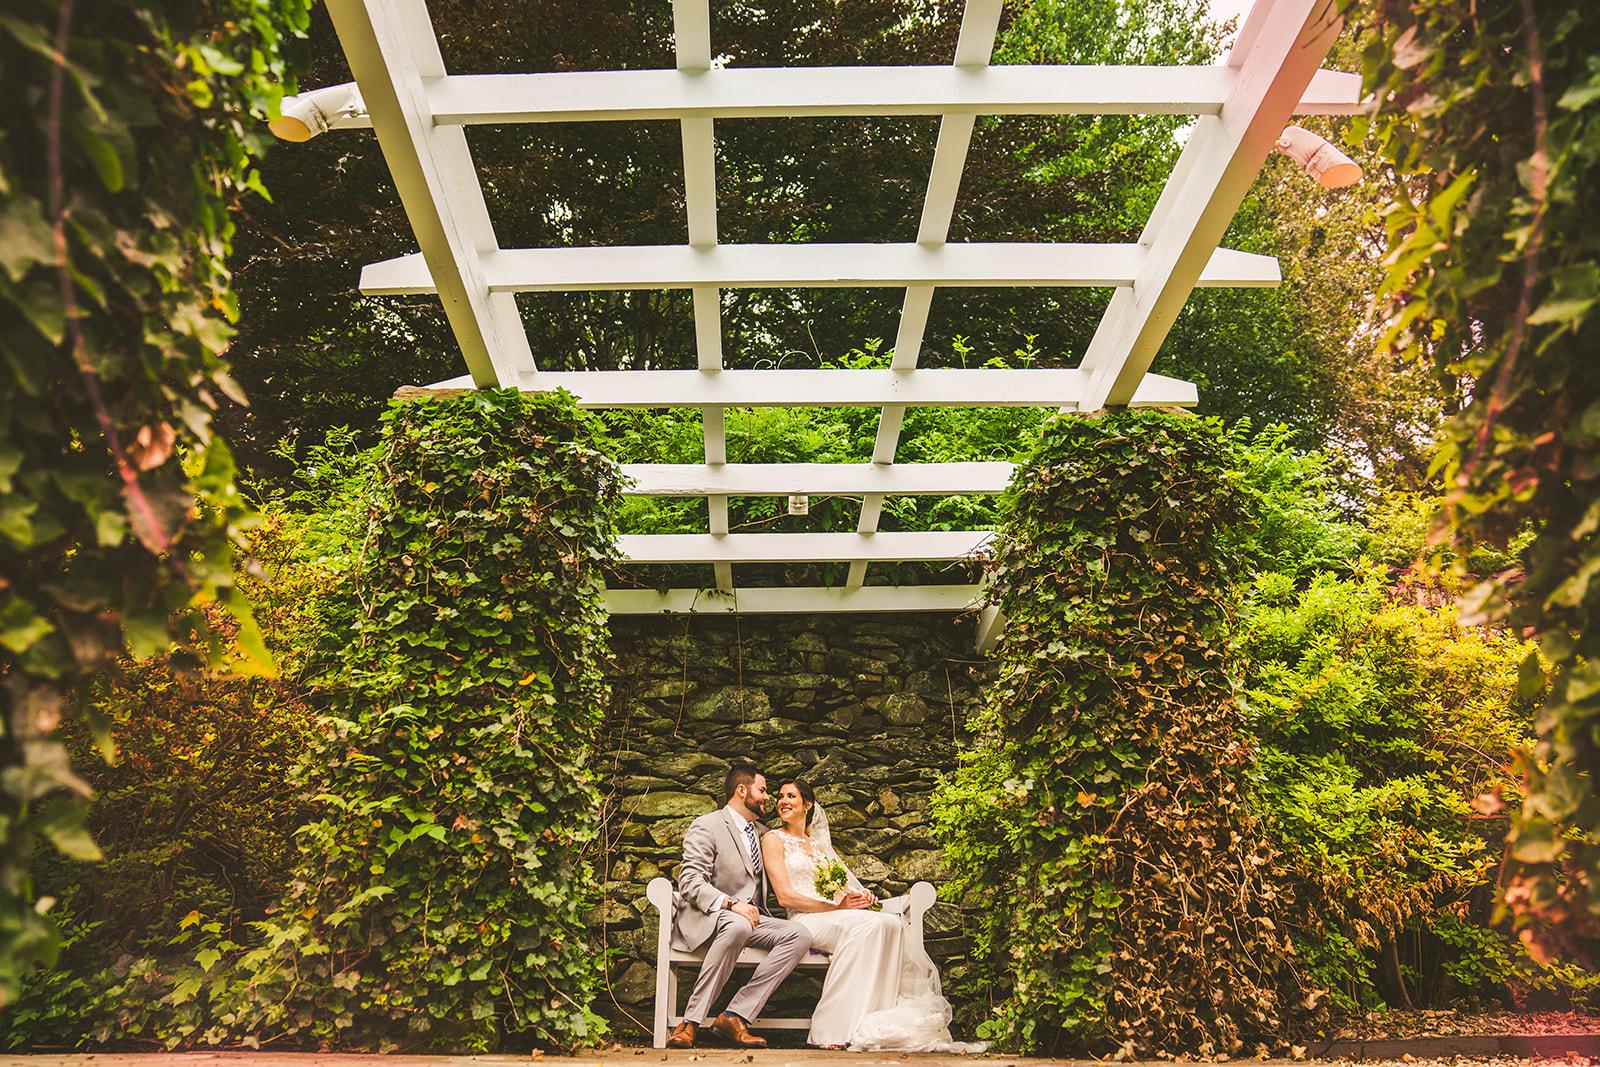 06-02-18-Danielle-Josh-WEDDING-Airlie-VA-1285.jpg